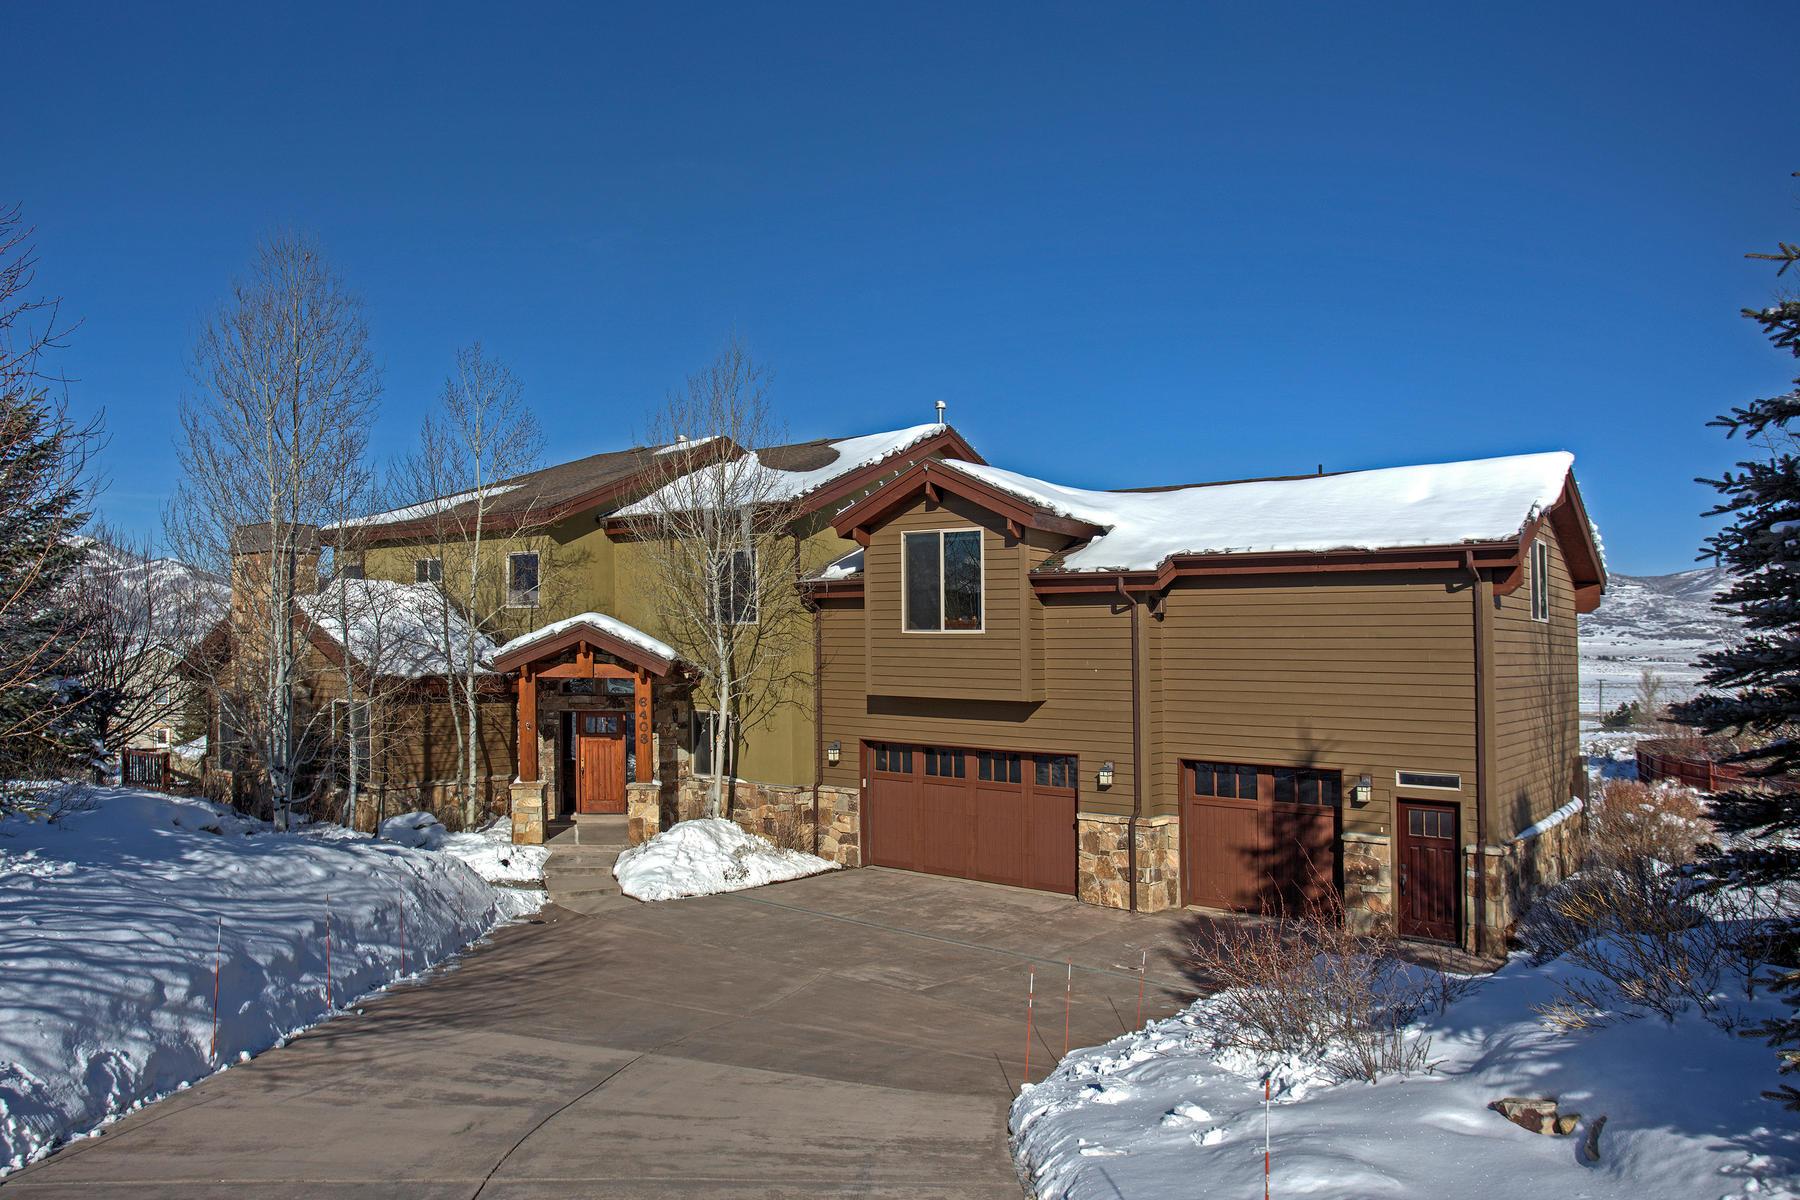 단독 가정 주택 용 매매 에 Sophisticated Style, Spectacular Ski Resort Views 6403 N Snow View Dr Park City, 유타, 84098 미국